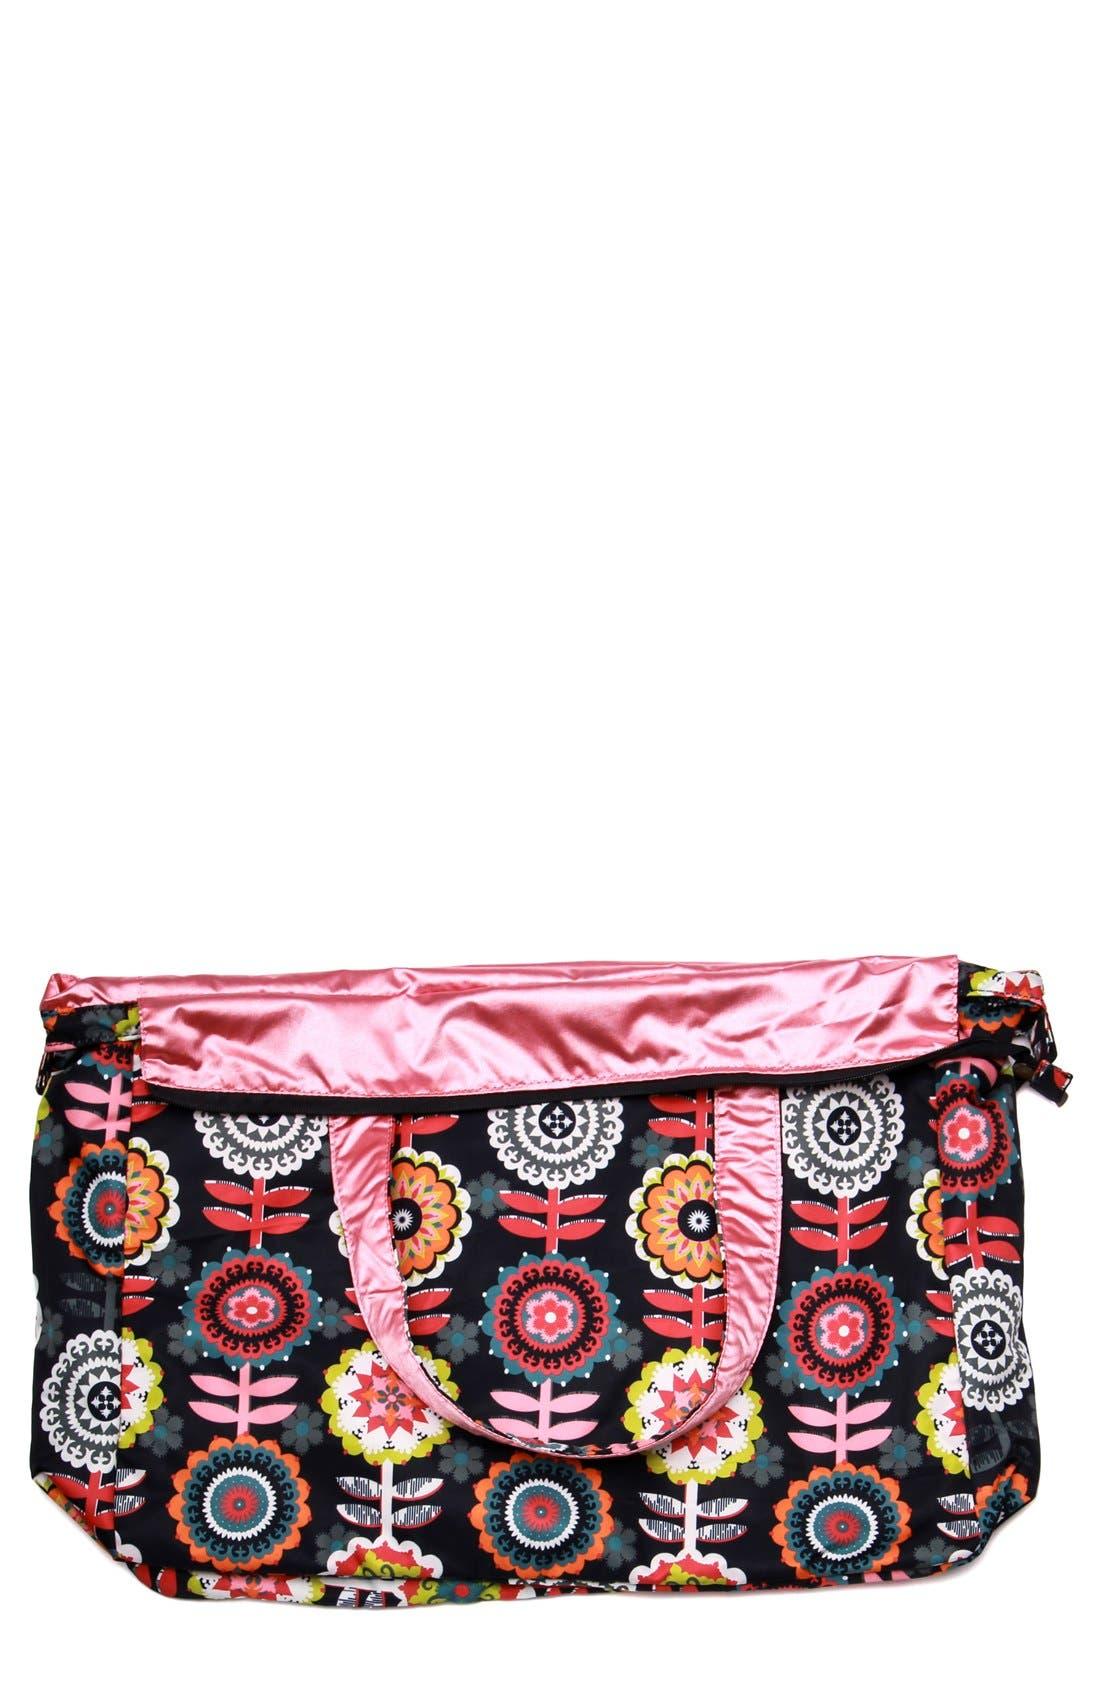 Main Image - Ju-Ju-Be 'Super Be' Diaper Bag